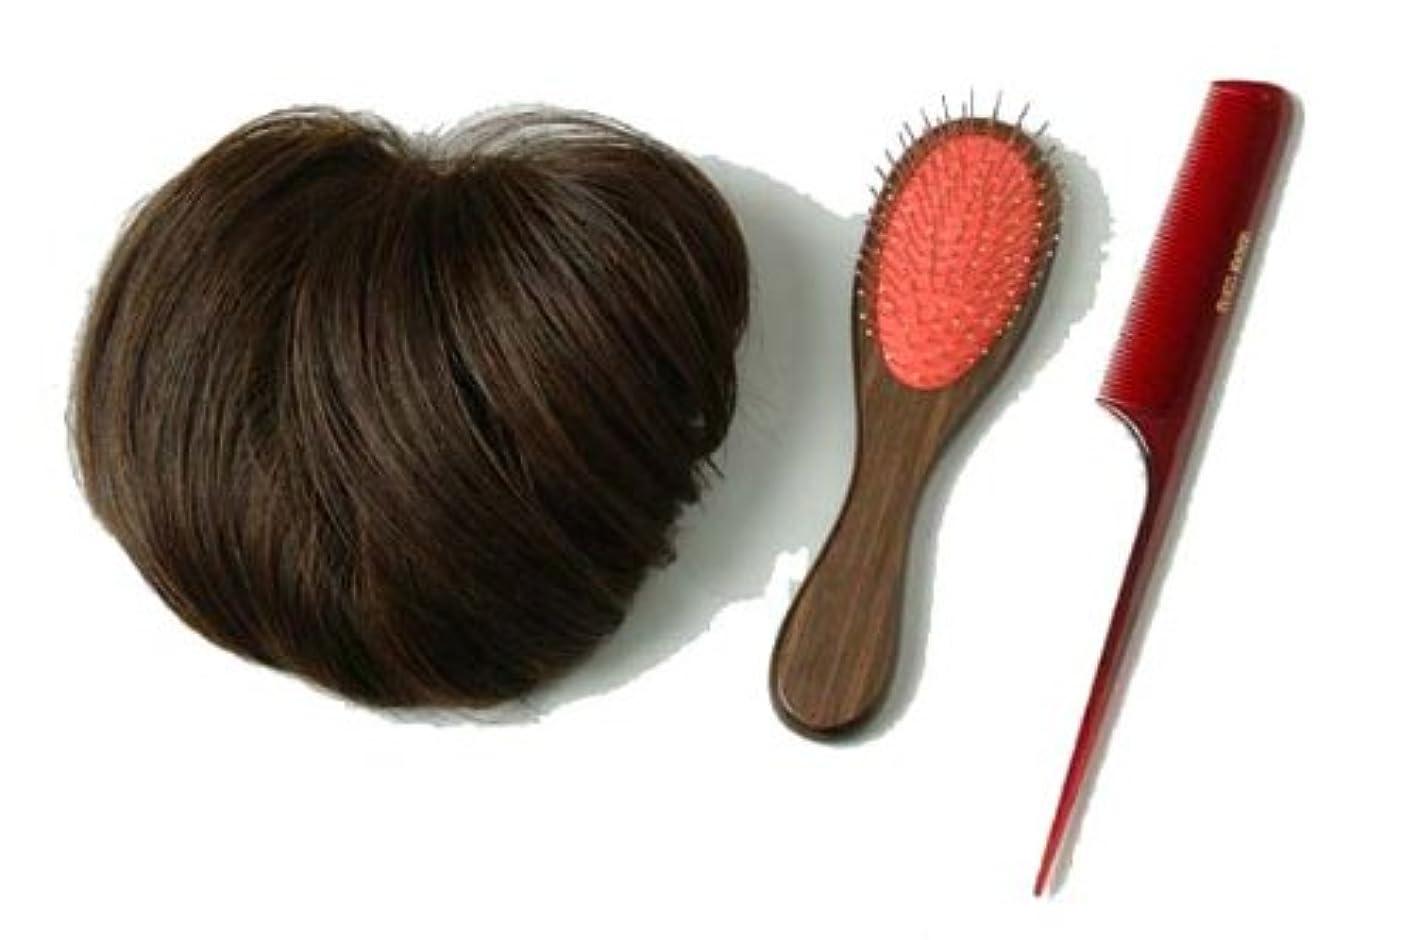 現象グレーゲインセイ装いヘアピース ブラウン